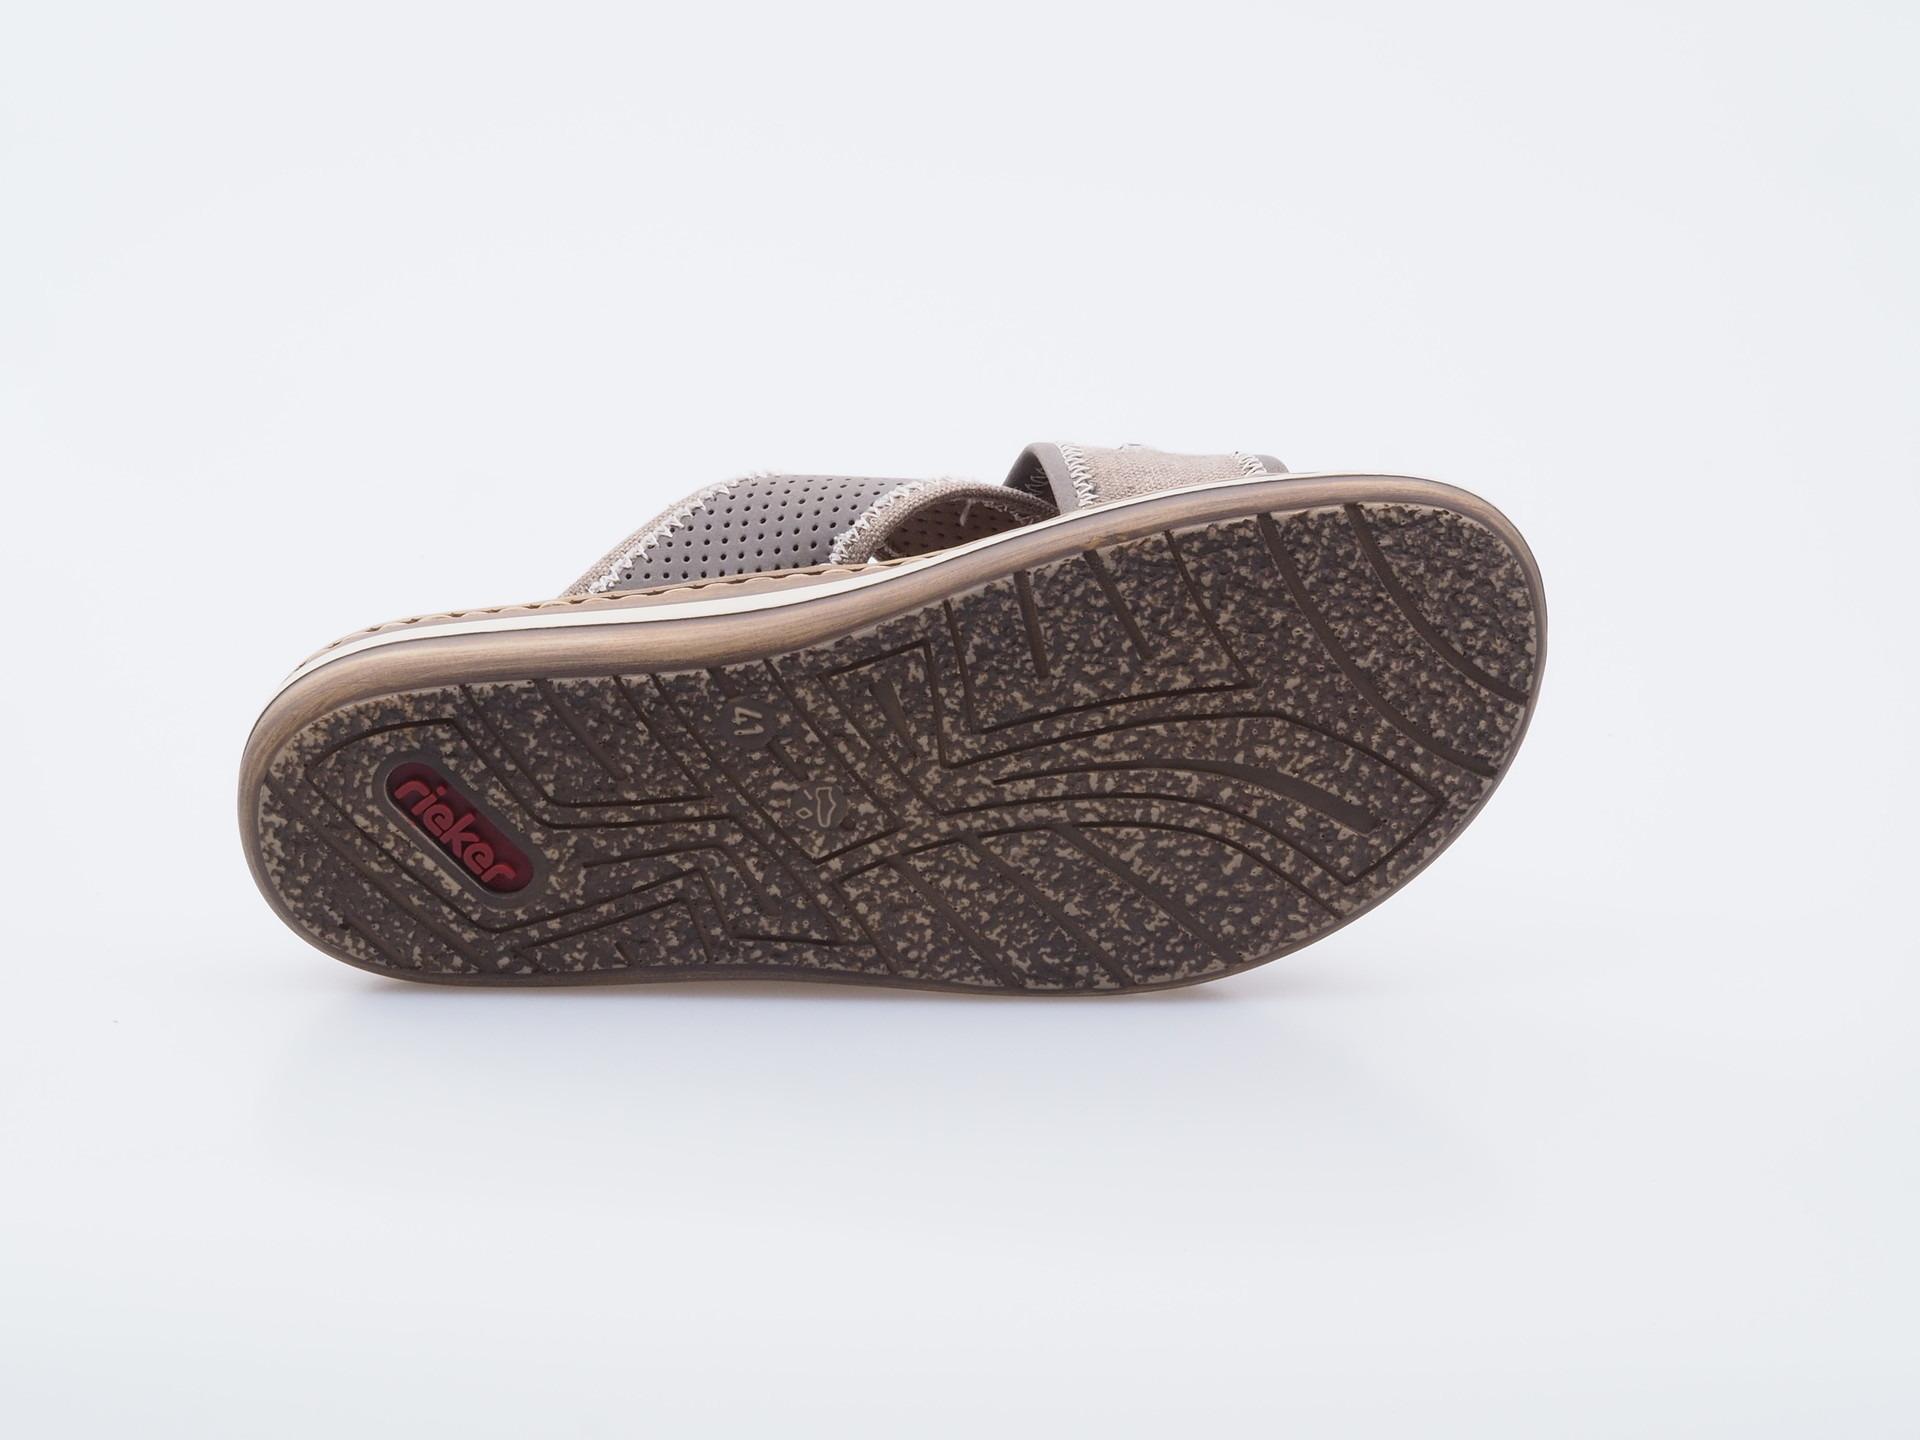 1e4117c5edcb Soňa - Pánska obuv - Šľapky - Šedé pánske šľapky Rieker